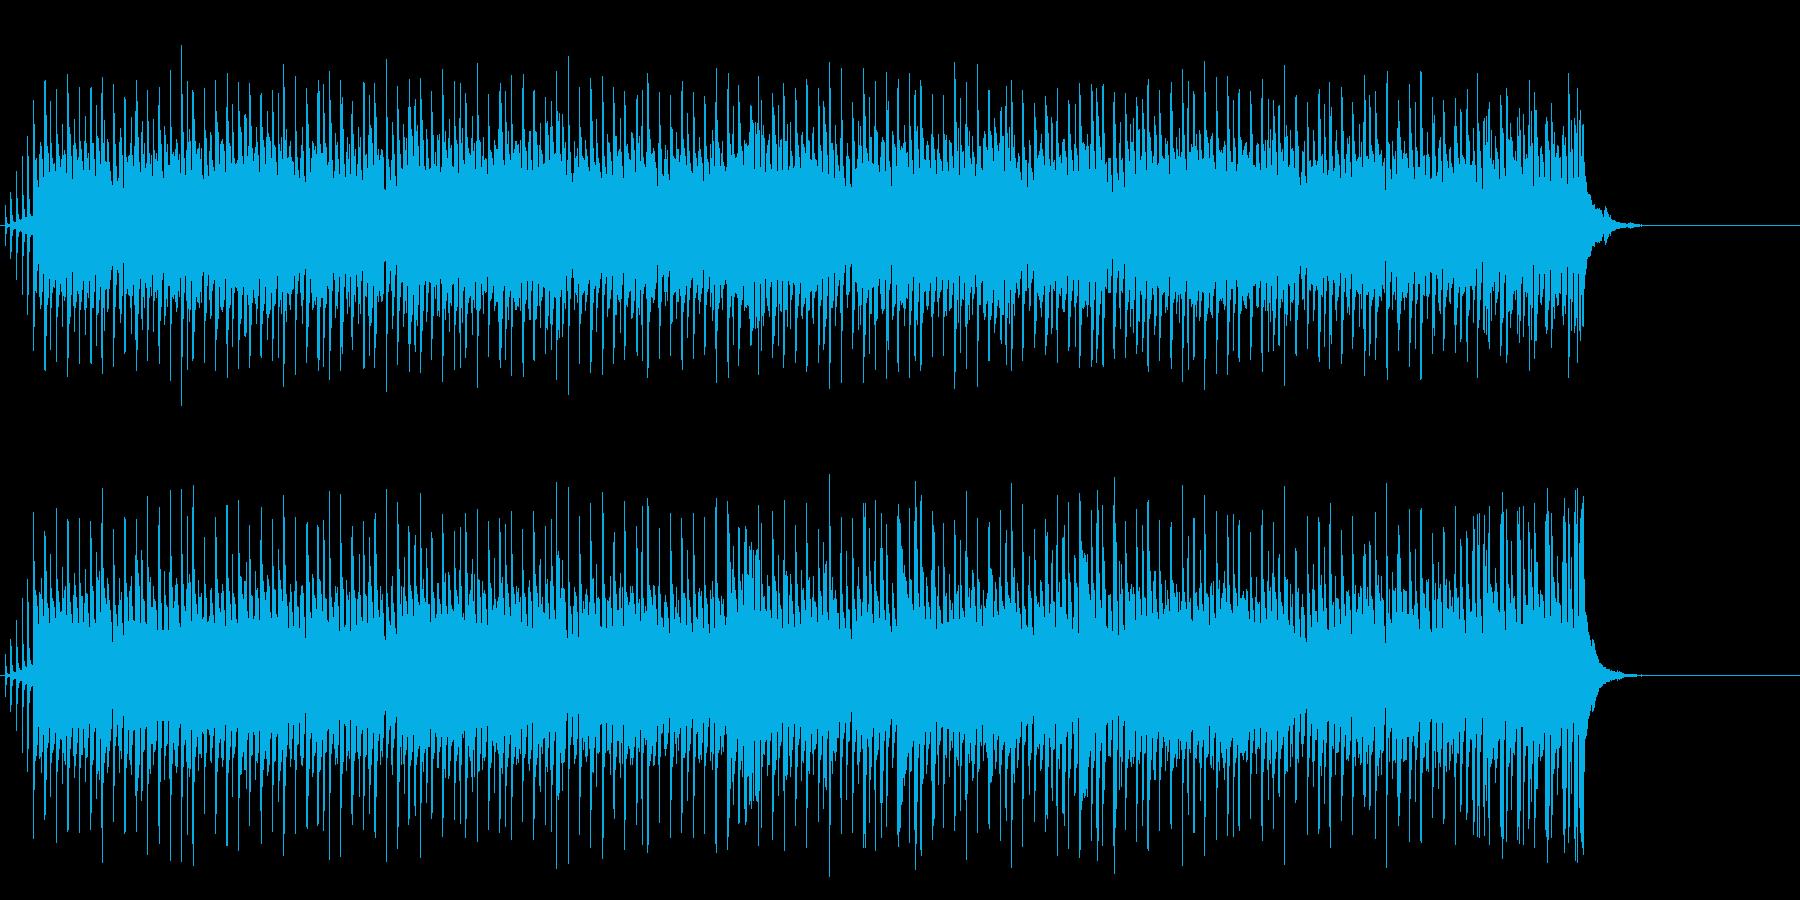 メロディーとビート感が躍動的なポップの再生済みの波形